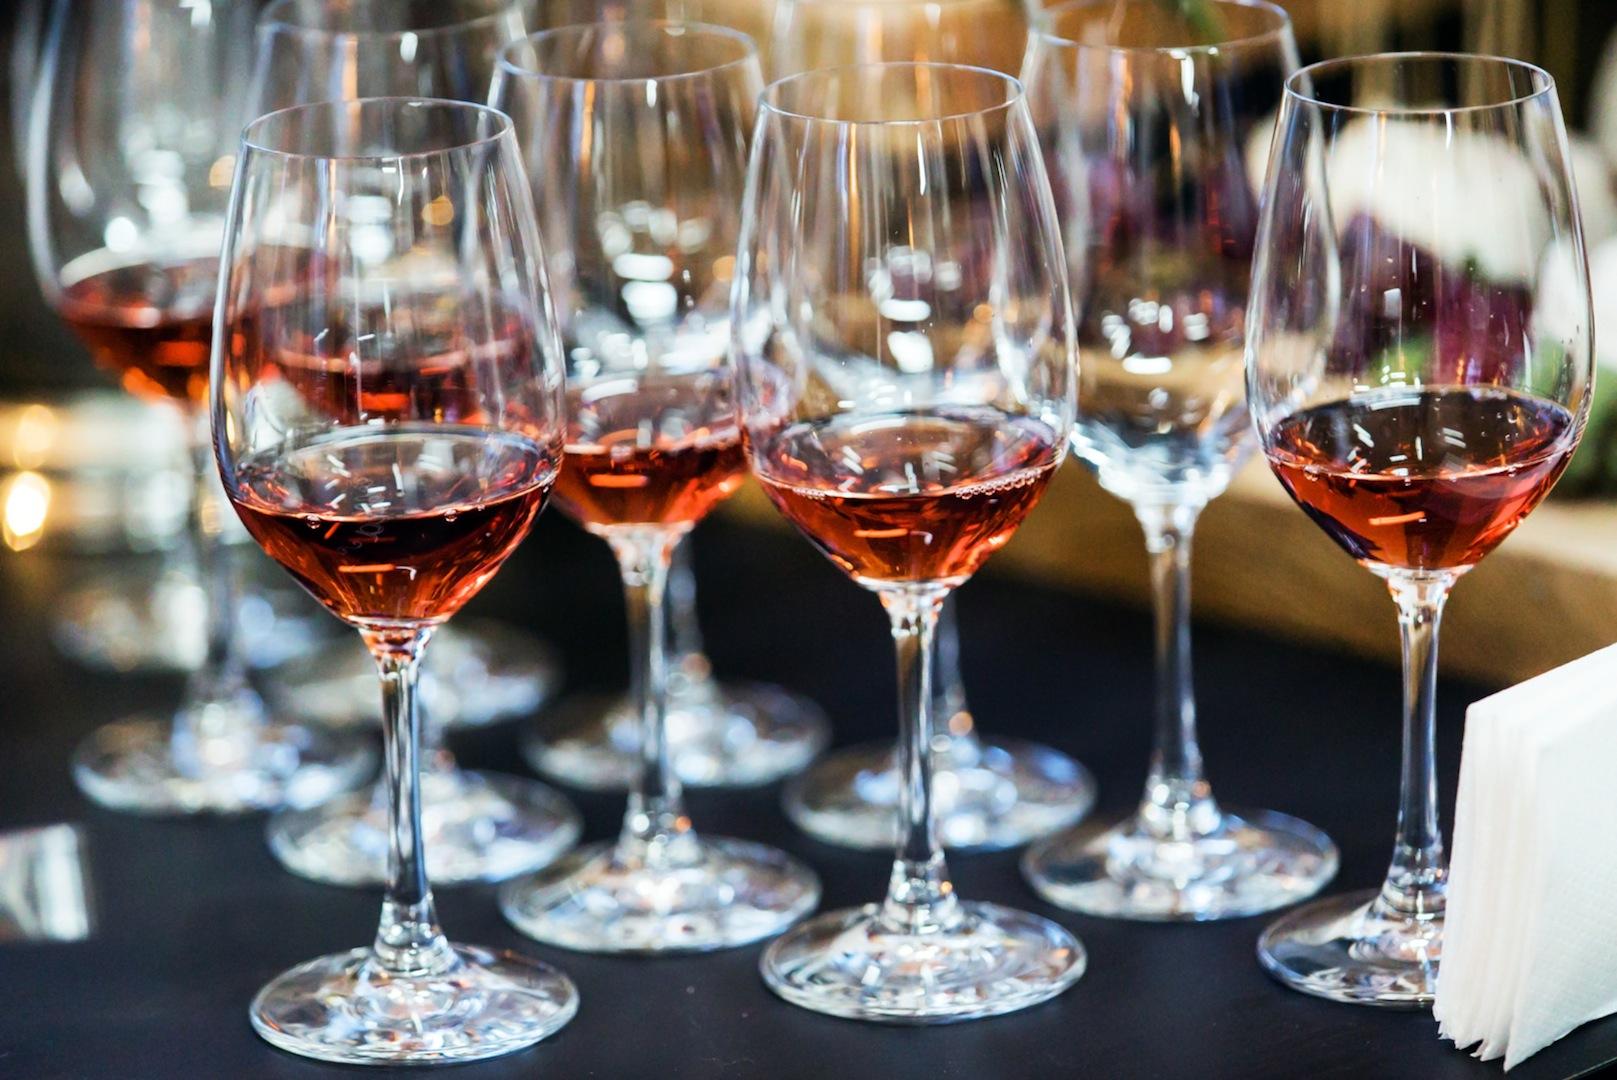 Budapest festival vin unique tours factory